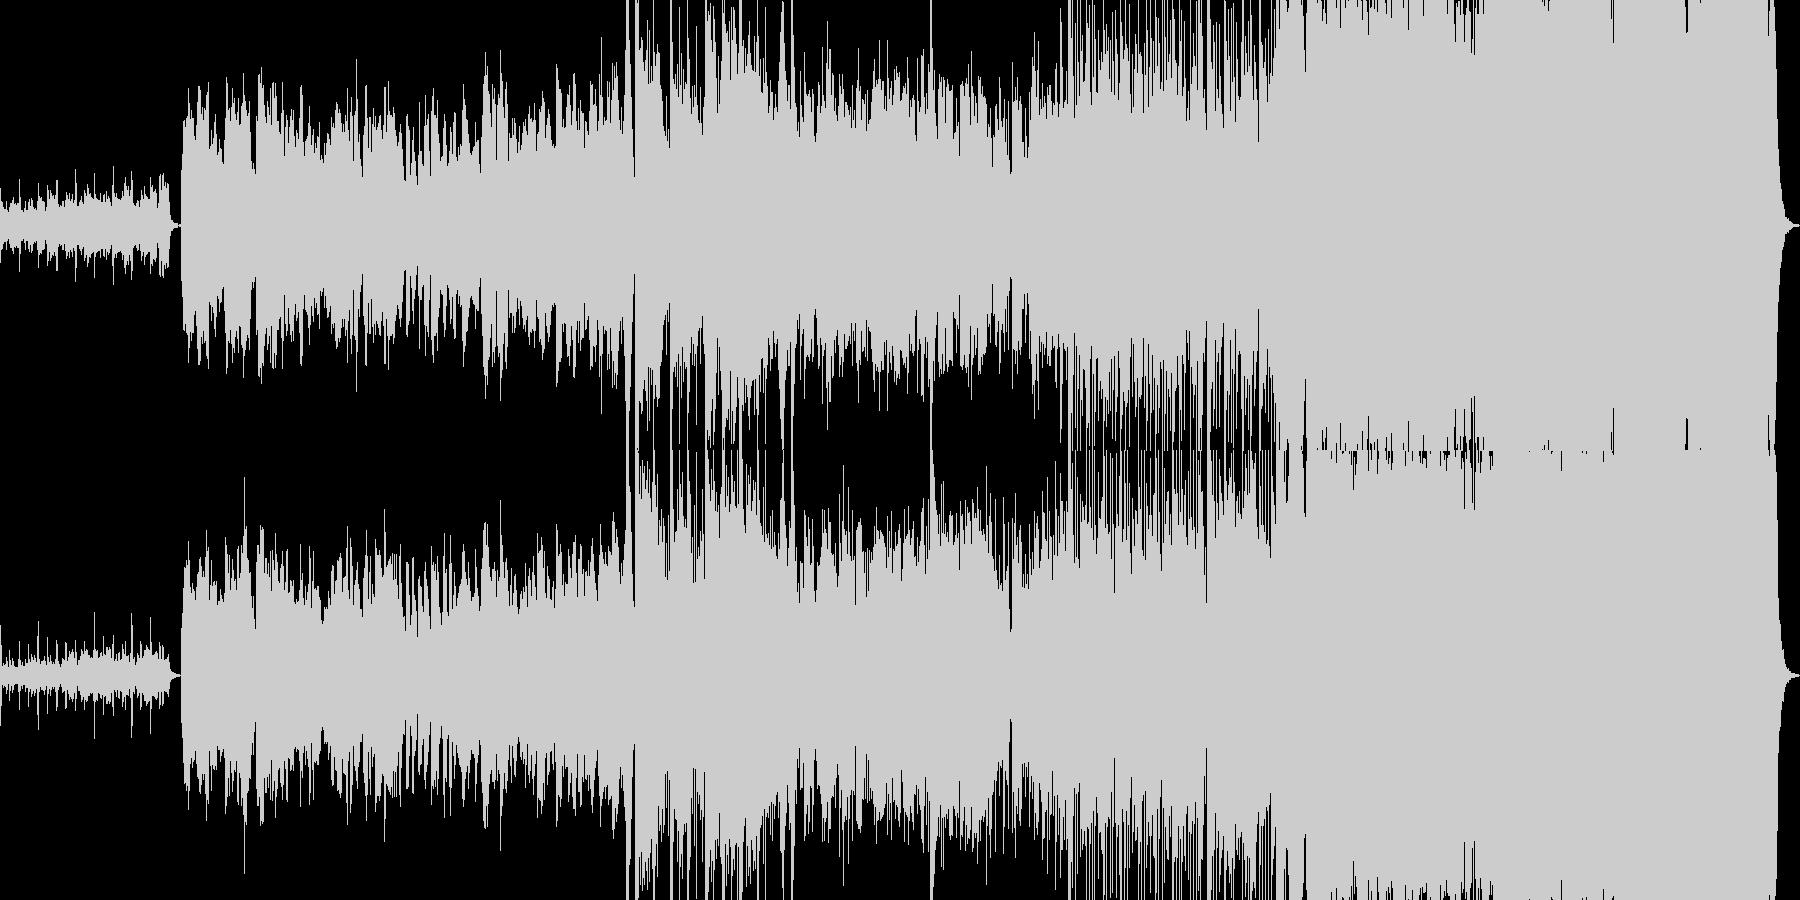 壮大なストリングスと二胡のハーモニーの未再生の波形